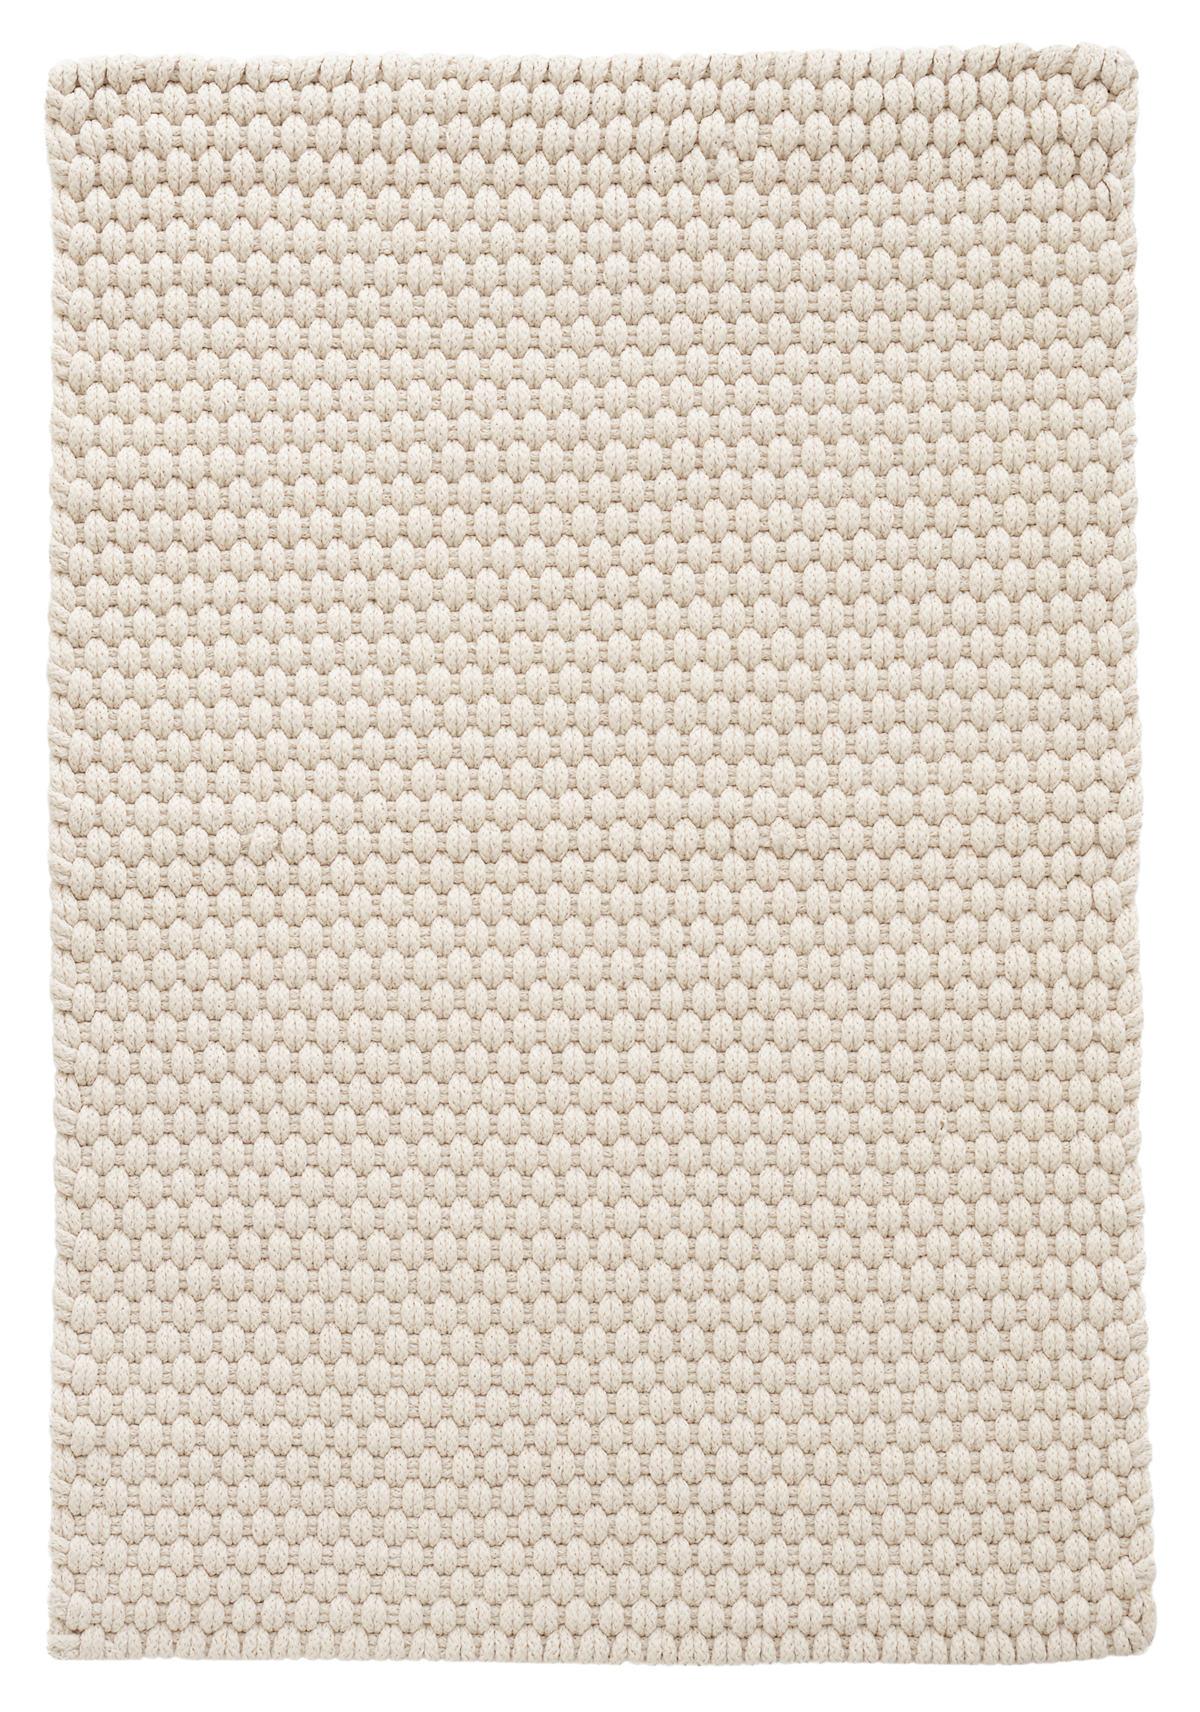 Rope Ivory Indoor/Outdoor Rug | Dash & Albert